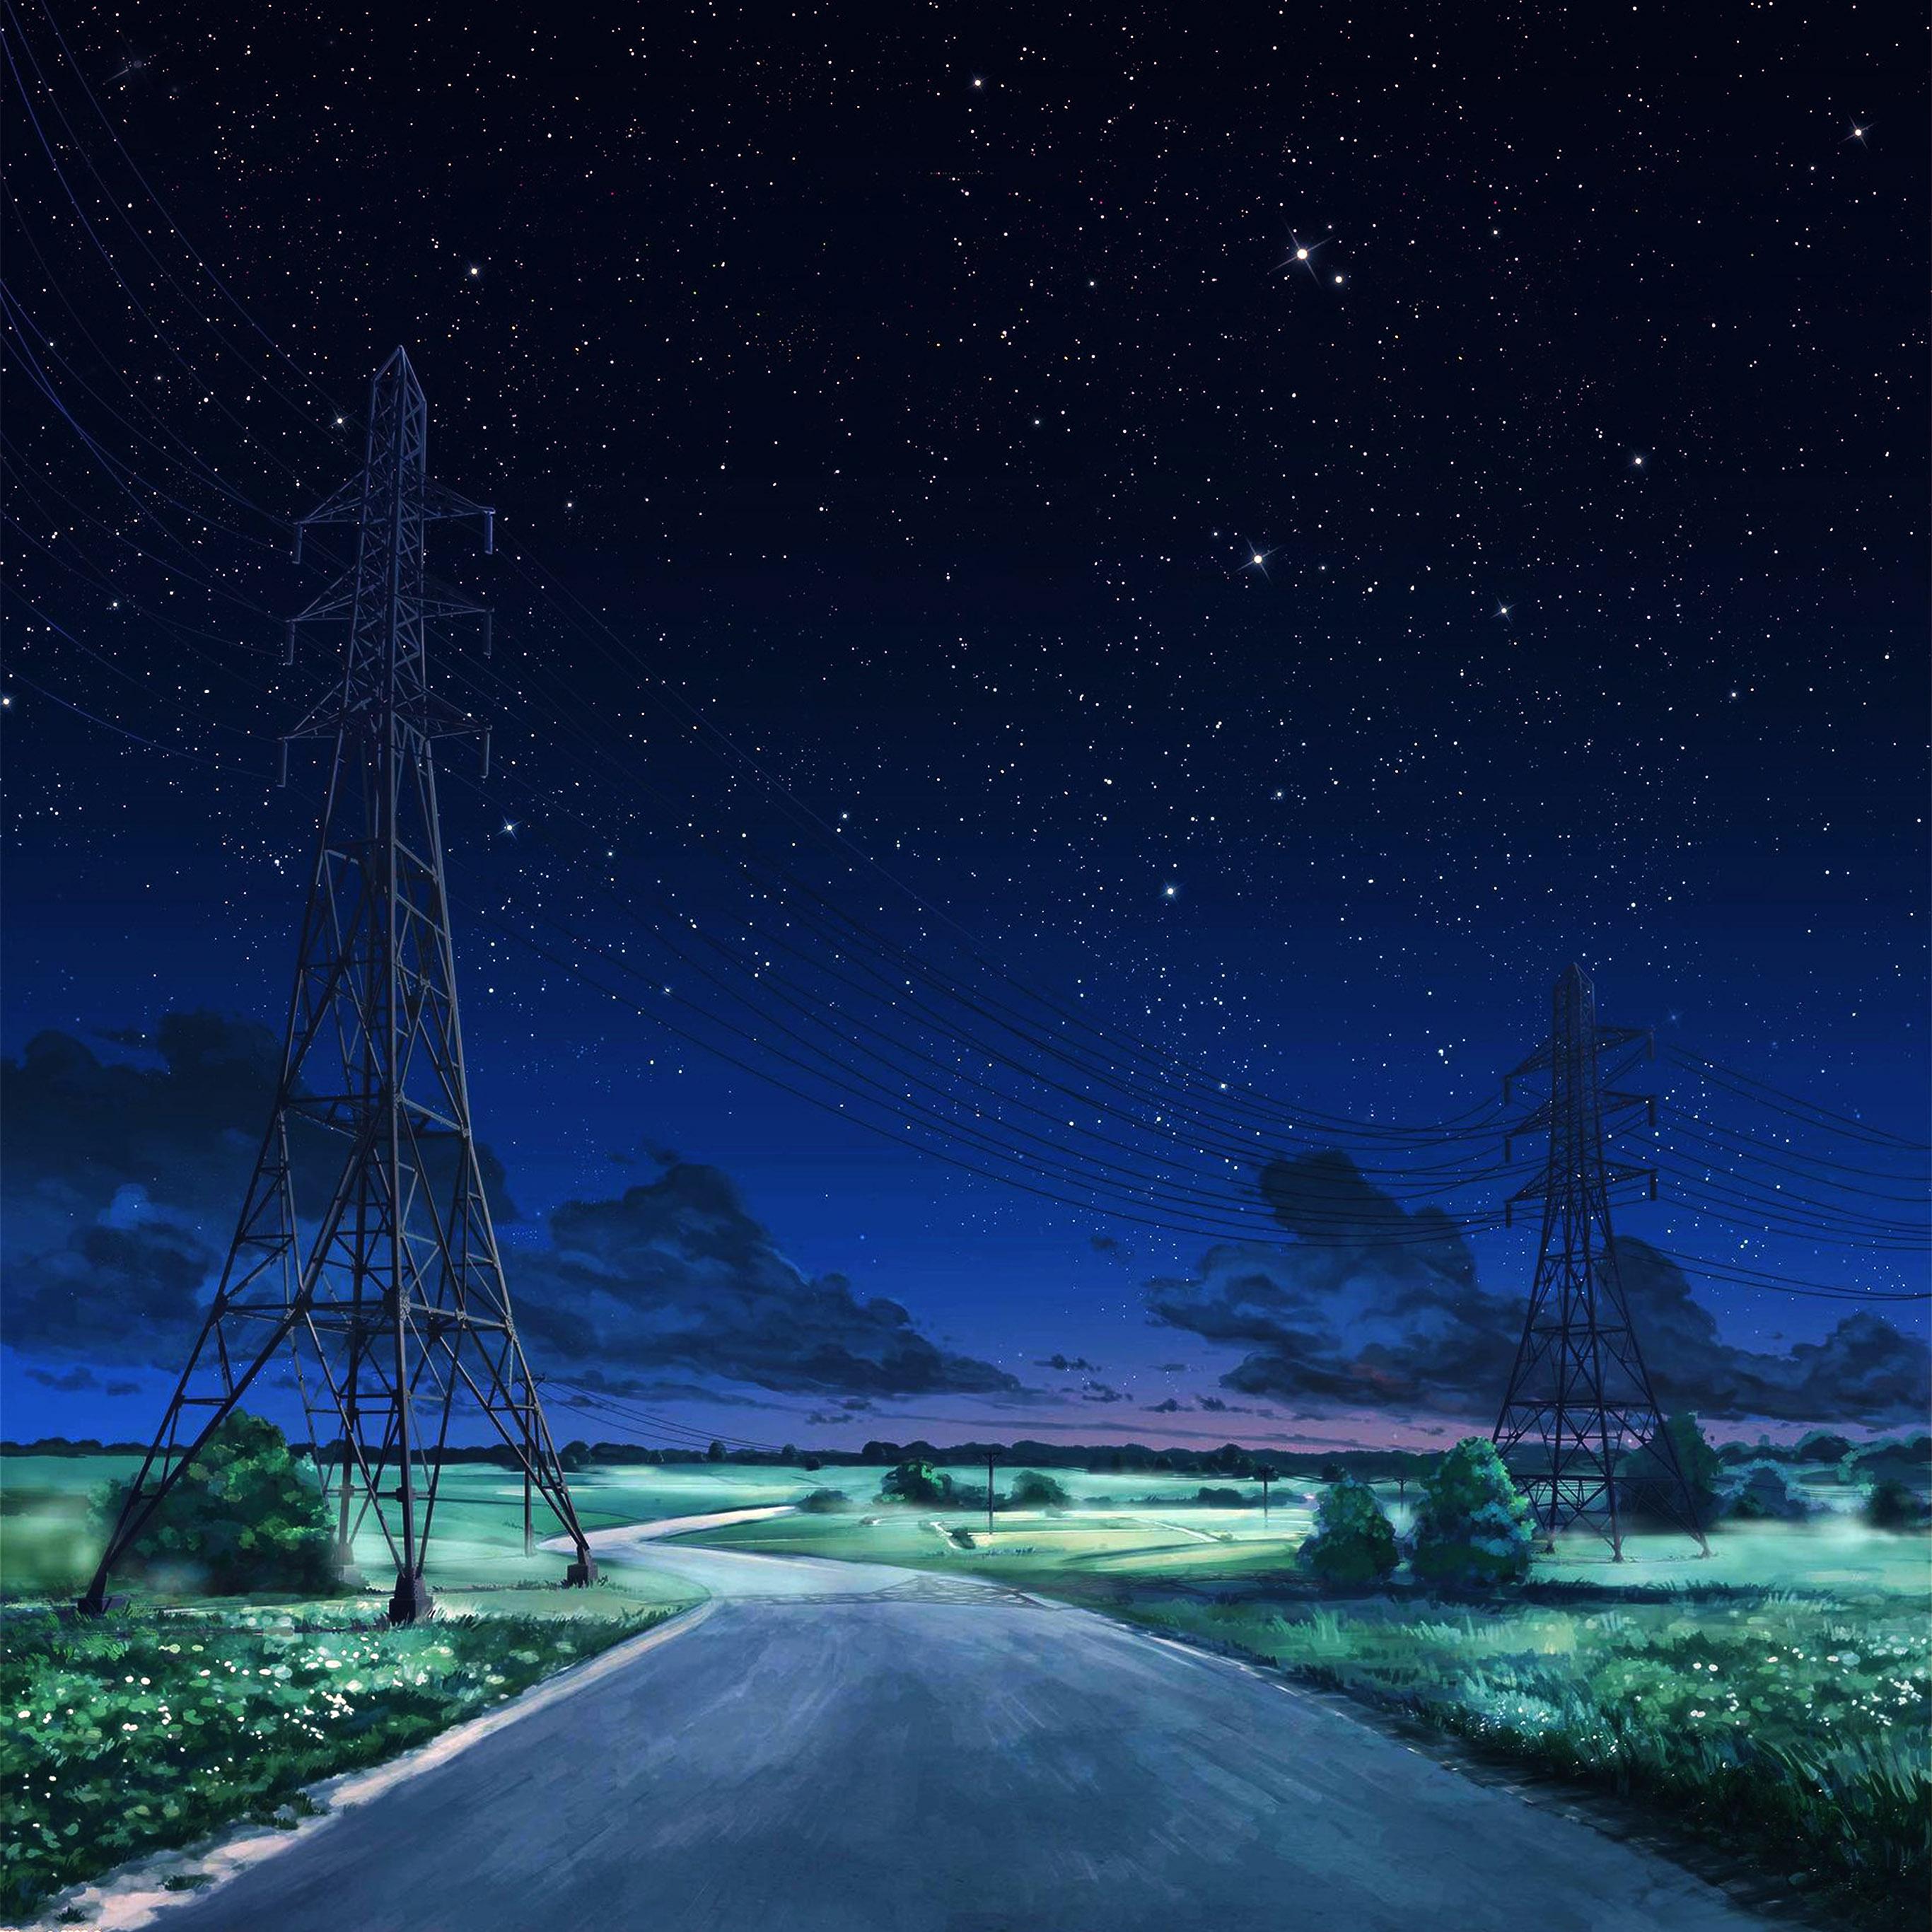 Aw16 Arseniy Chebynkin Night Sky Star Blue Illustration